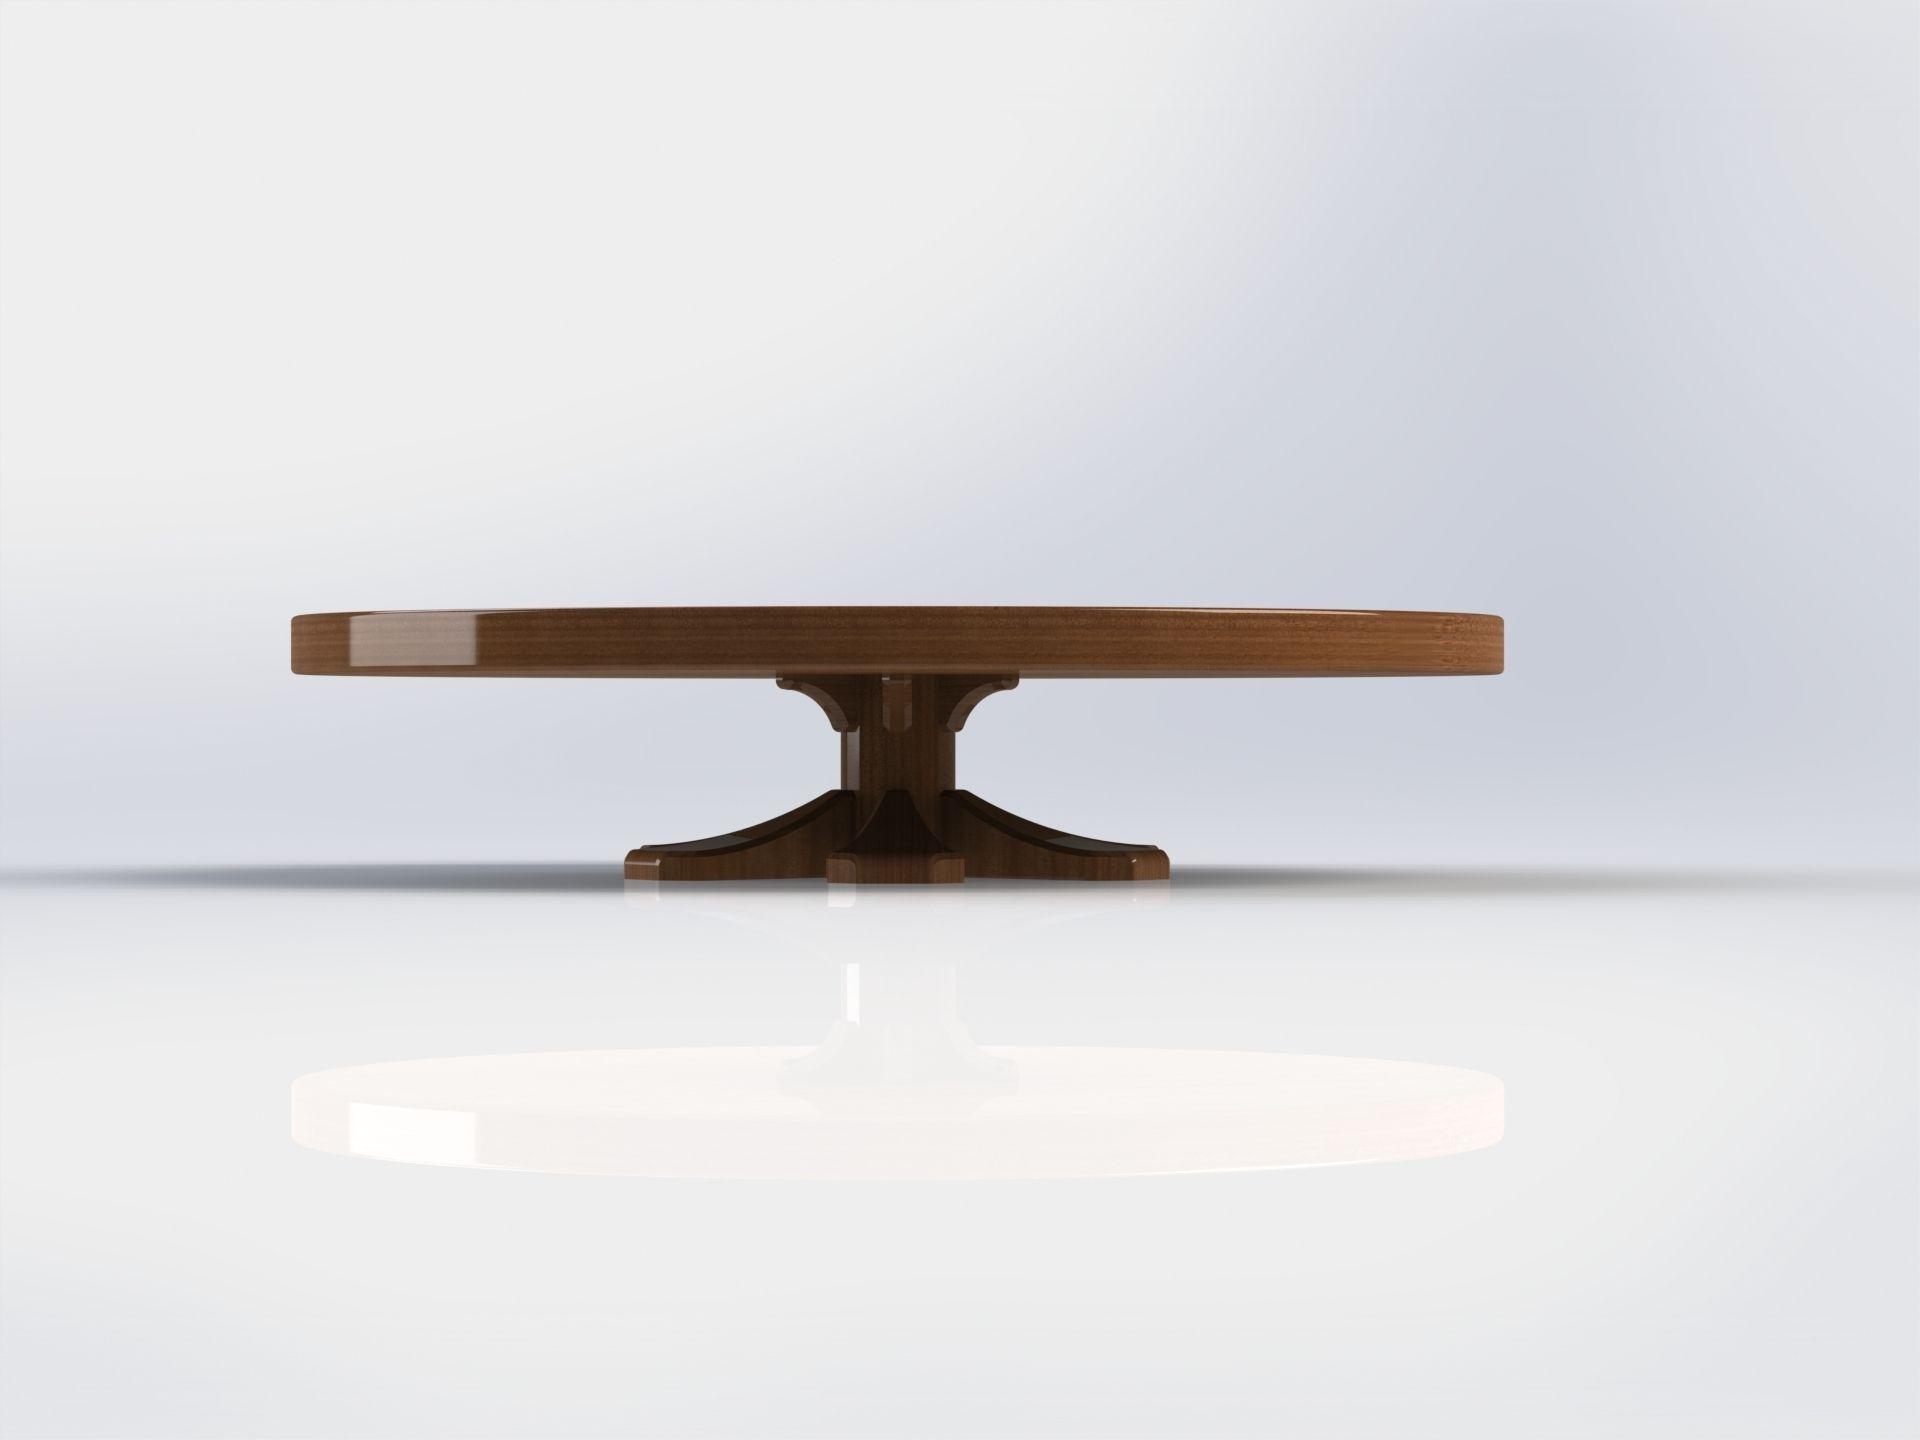 round expanding folding table 3d model sldprt sldasm